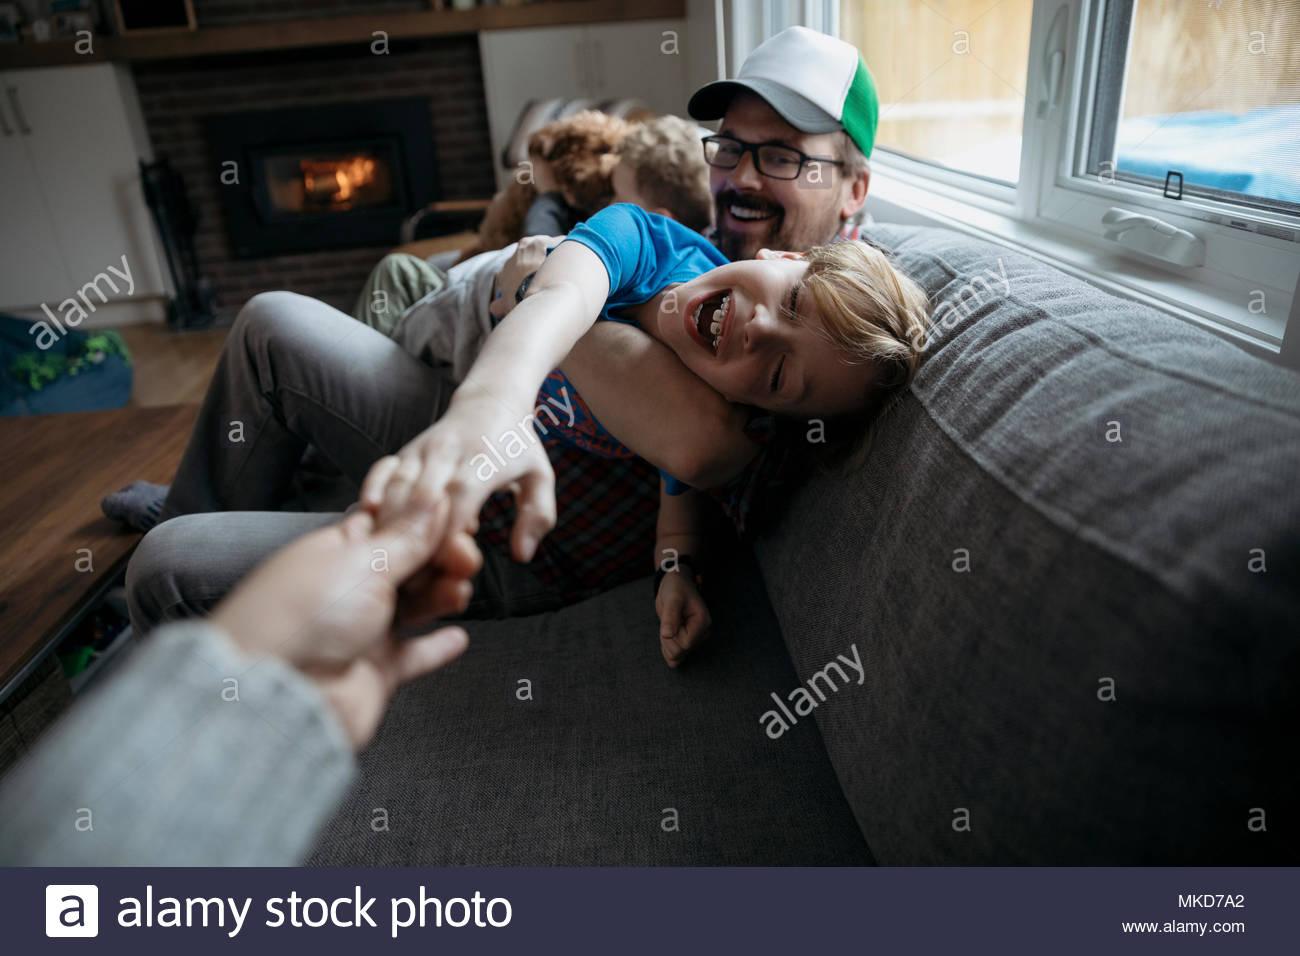 Perspectiva Personal familia jugando en el sofá de la sala Imagen De Stock